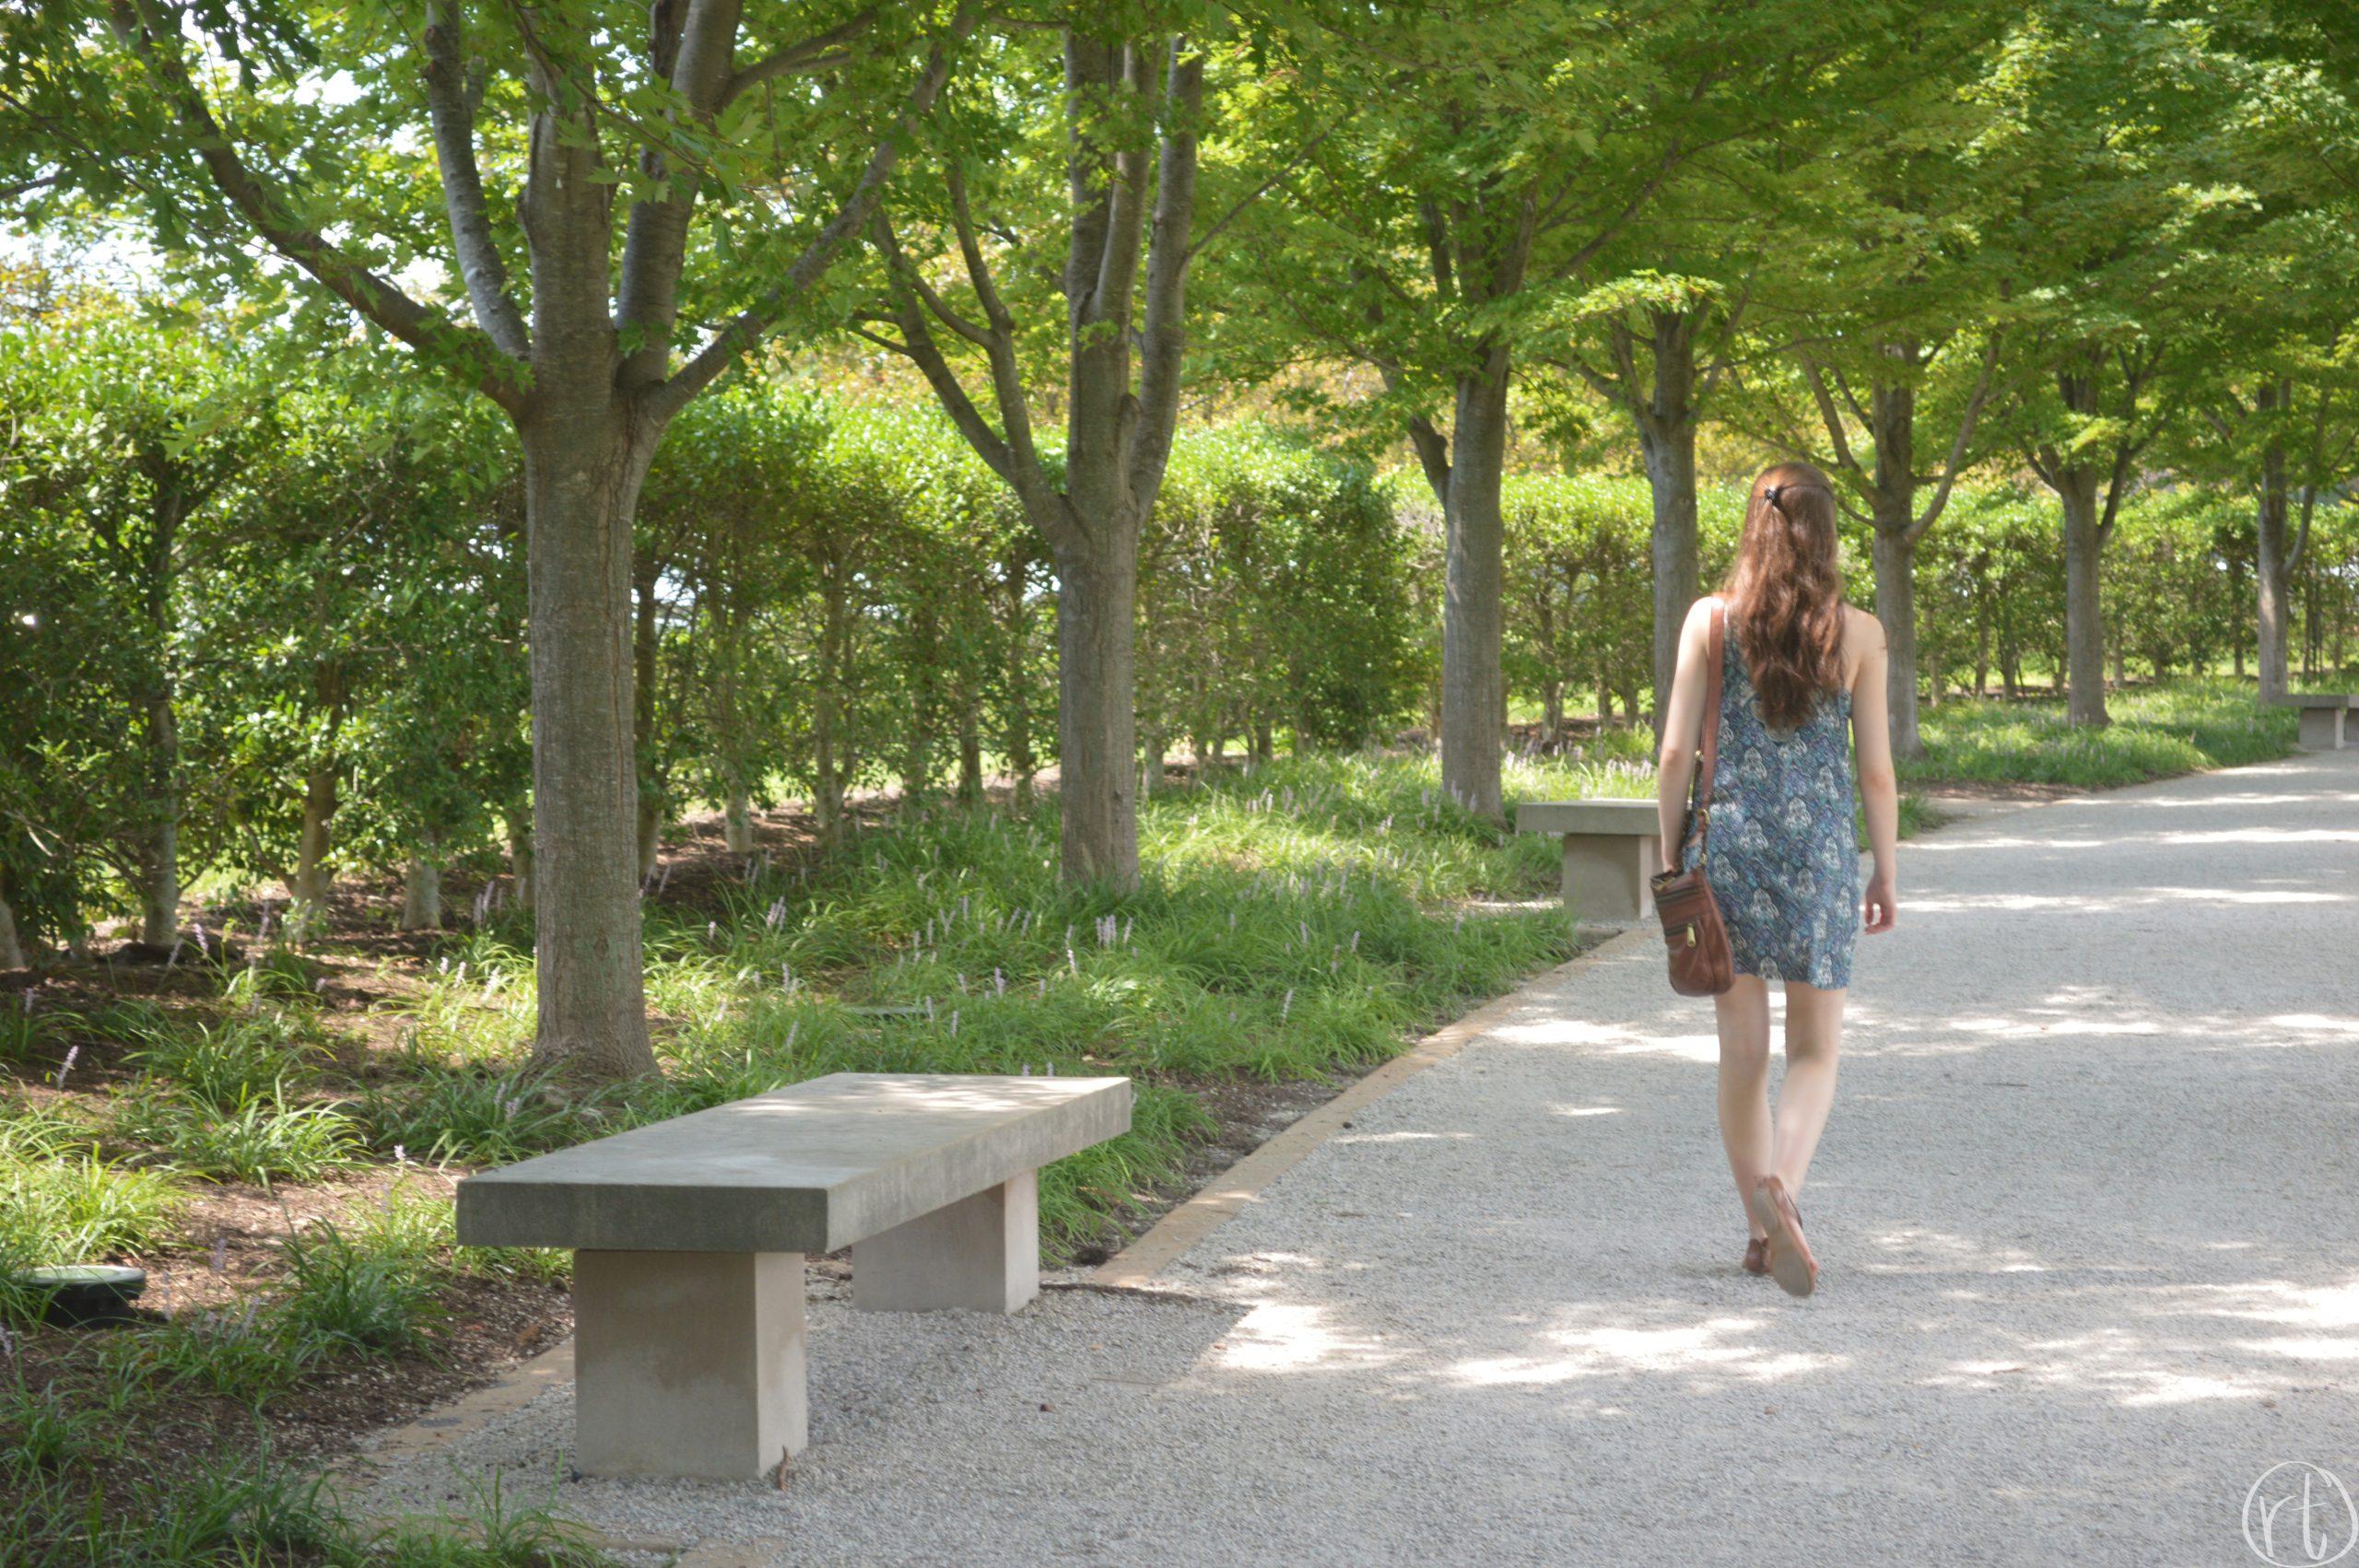 forest-park-st-louis-art-museum-travel